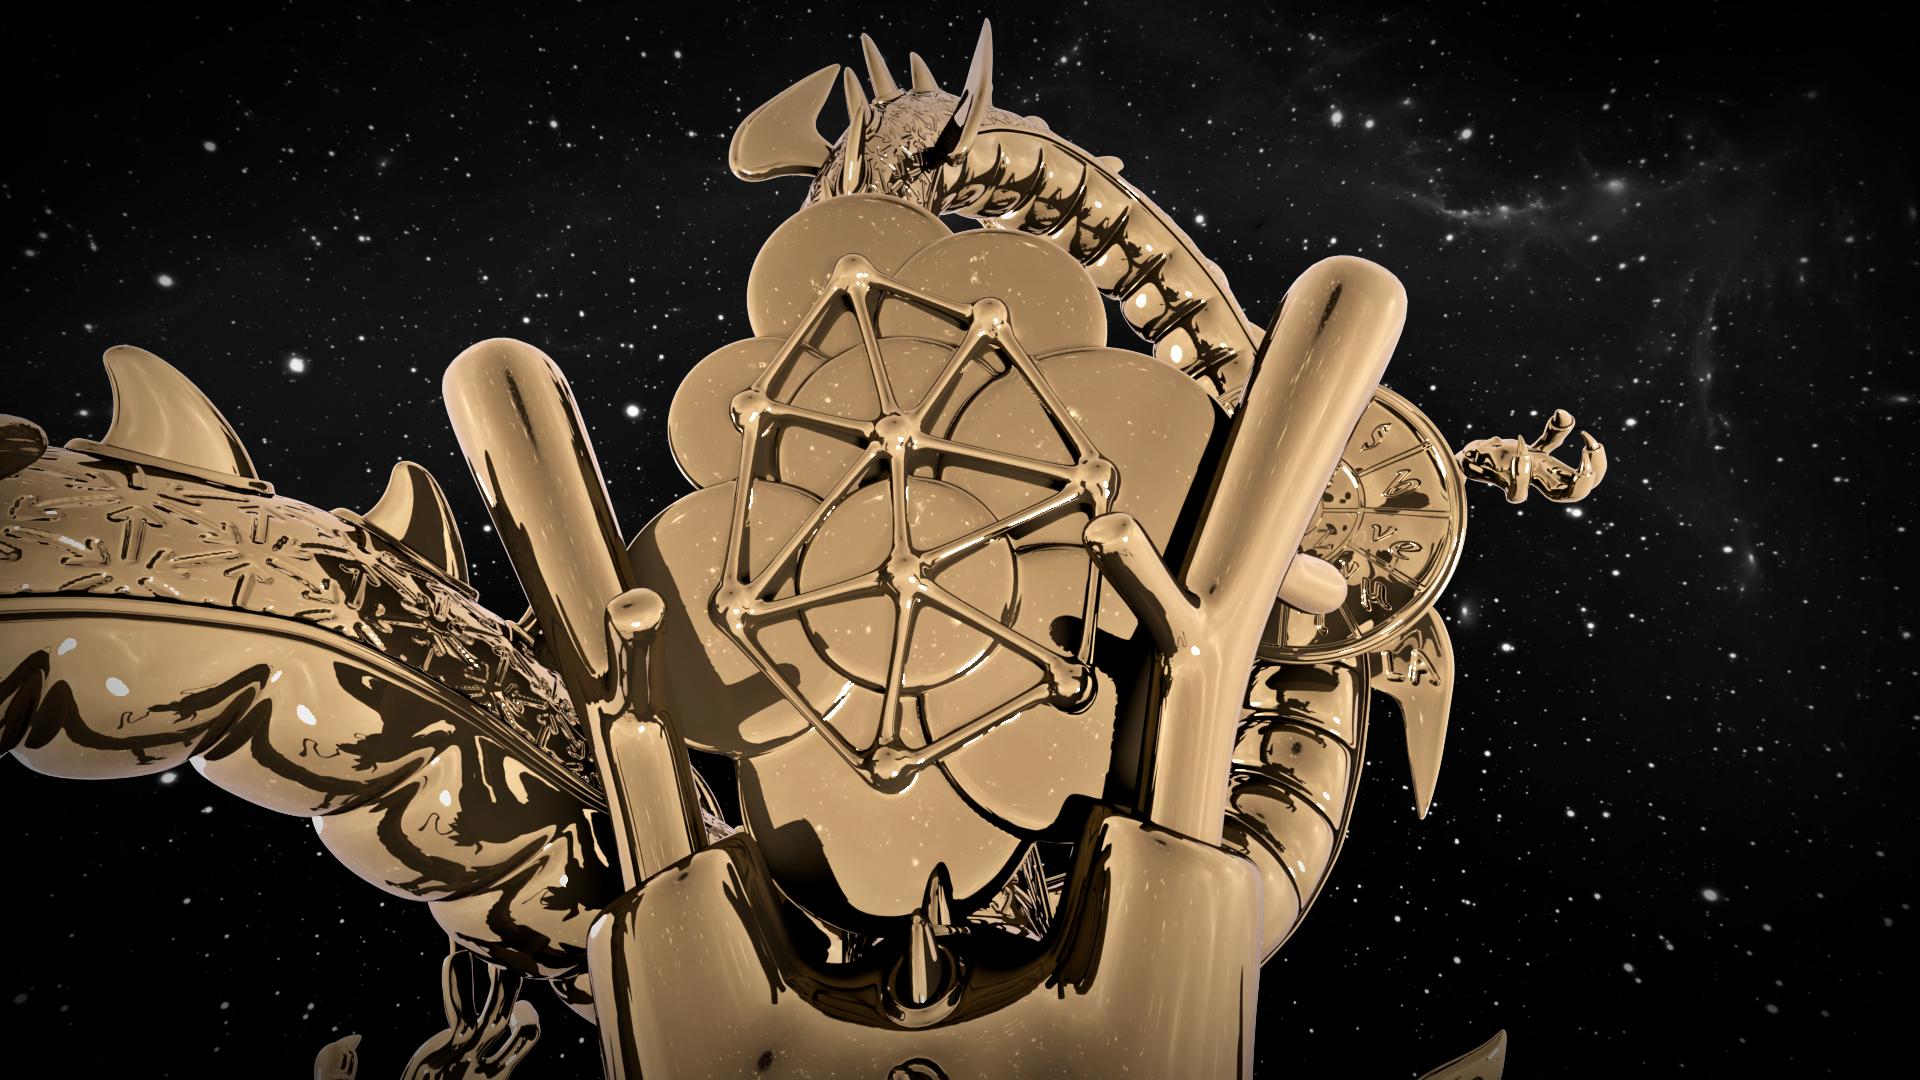 Luca Pozzi, [Arkanian Shenron (3D render), 2020. Scultura in bronzo, rivelatore di particelle INFN, Leds Blu, software di messagistica, AI, connessione internet, profilo twitter (https://twitter.com/arkanianshenron). 70X40x40 cm. Crediti 3D render: Luca Pozzi, Massimo Russo.